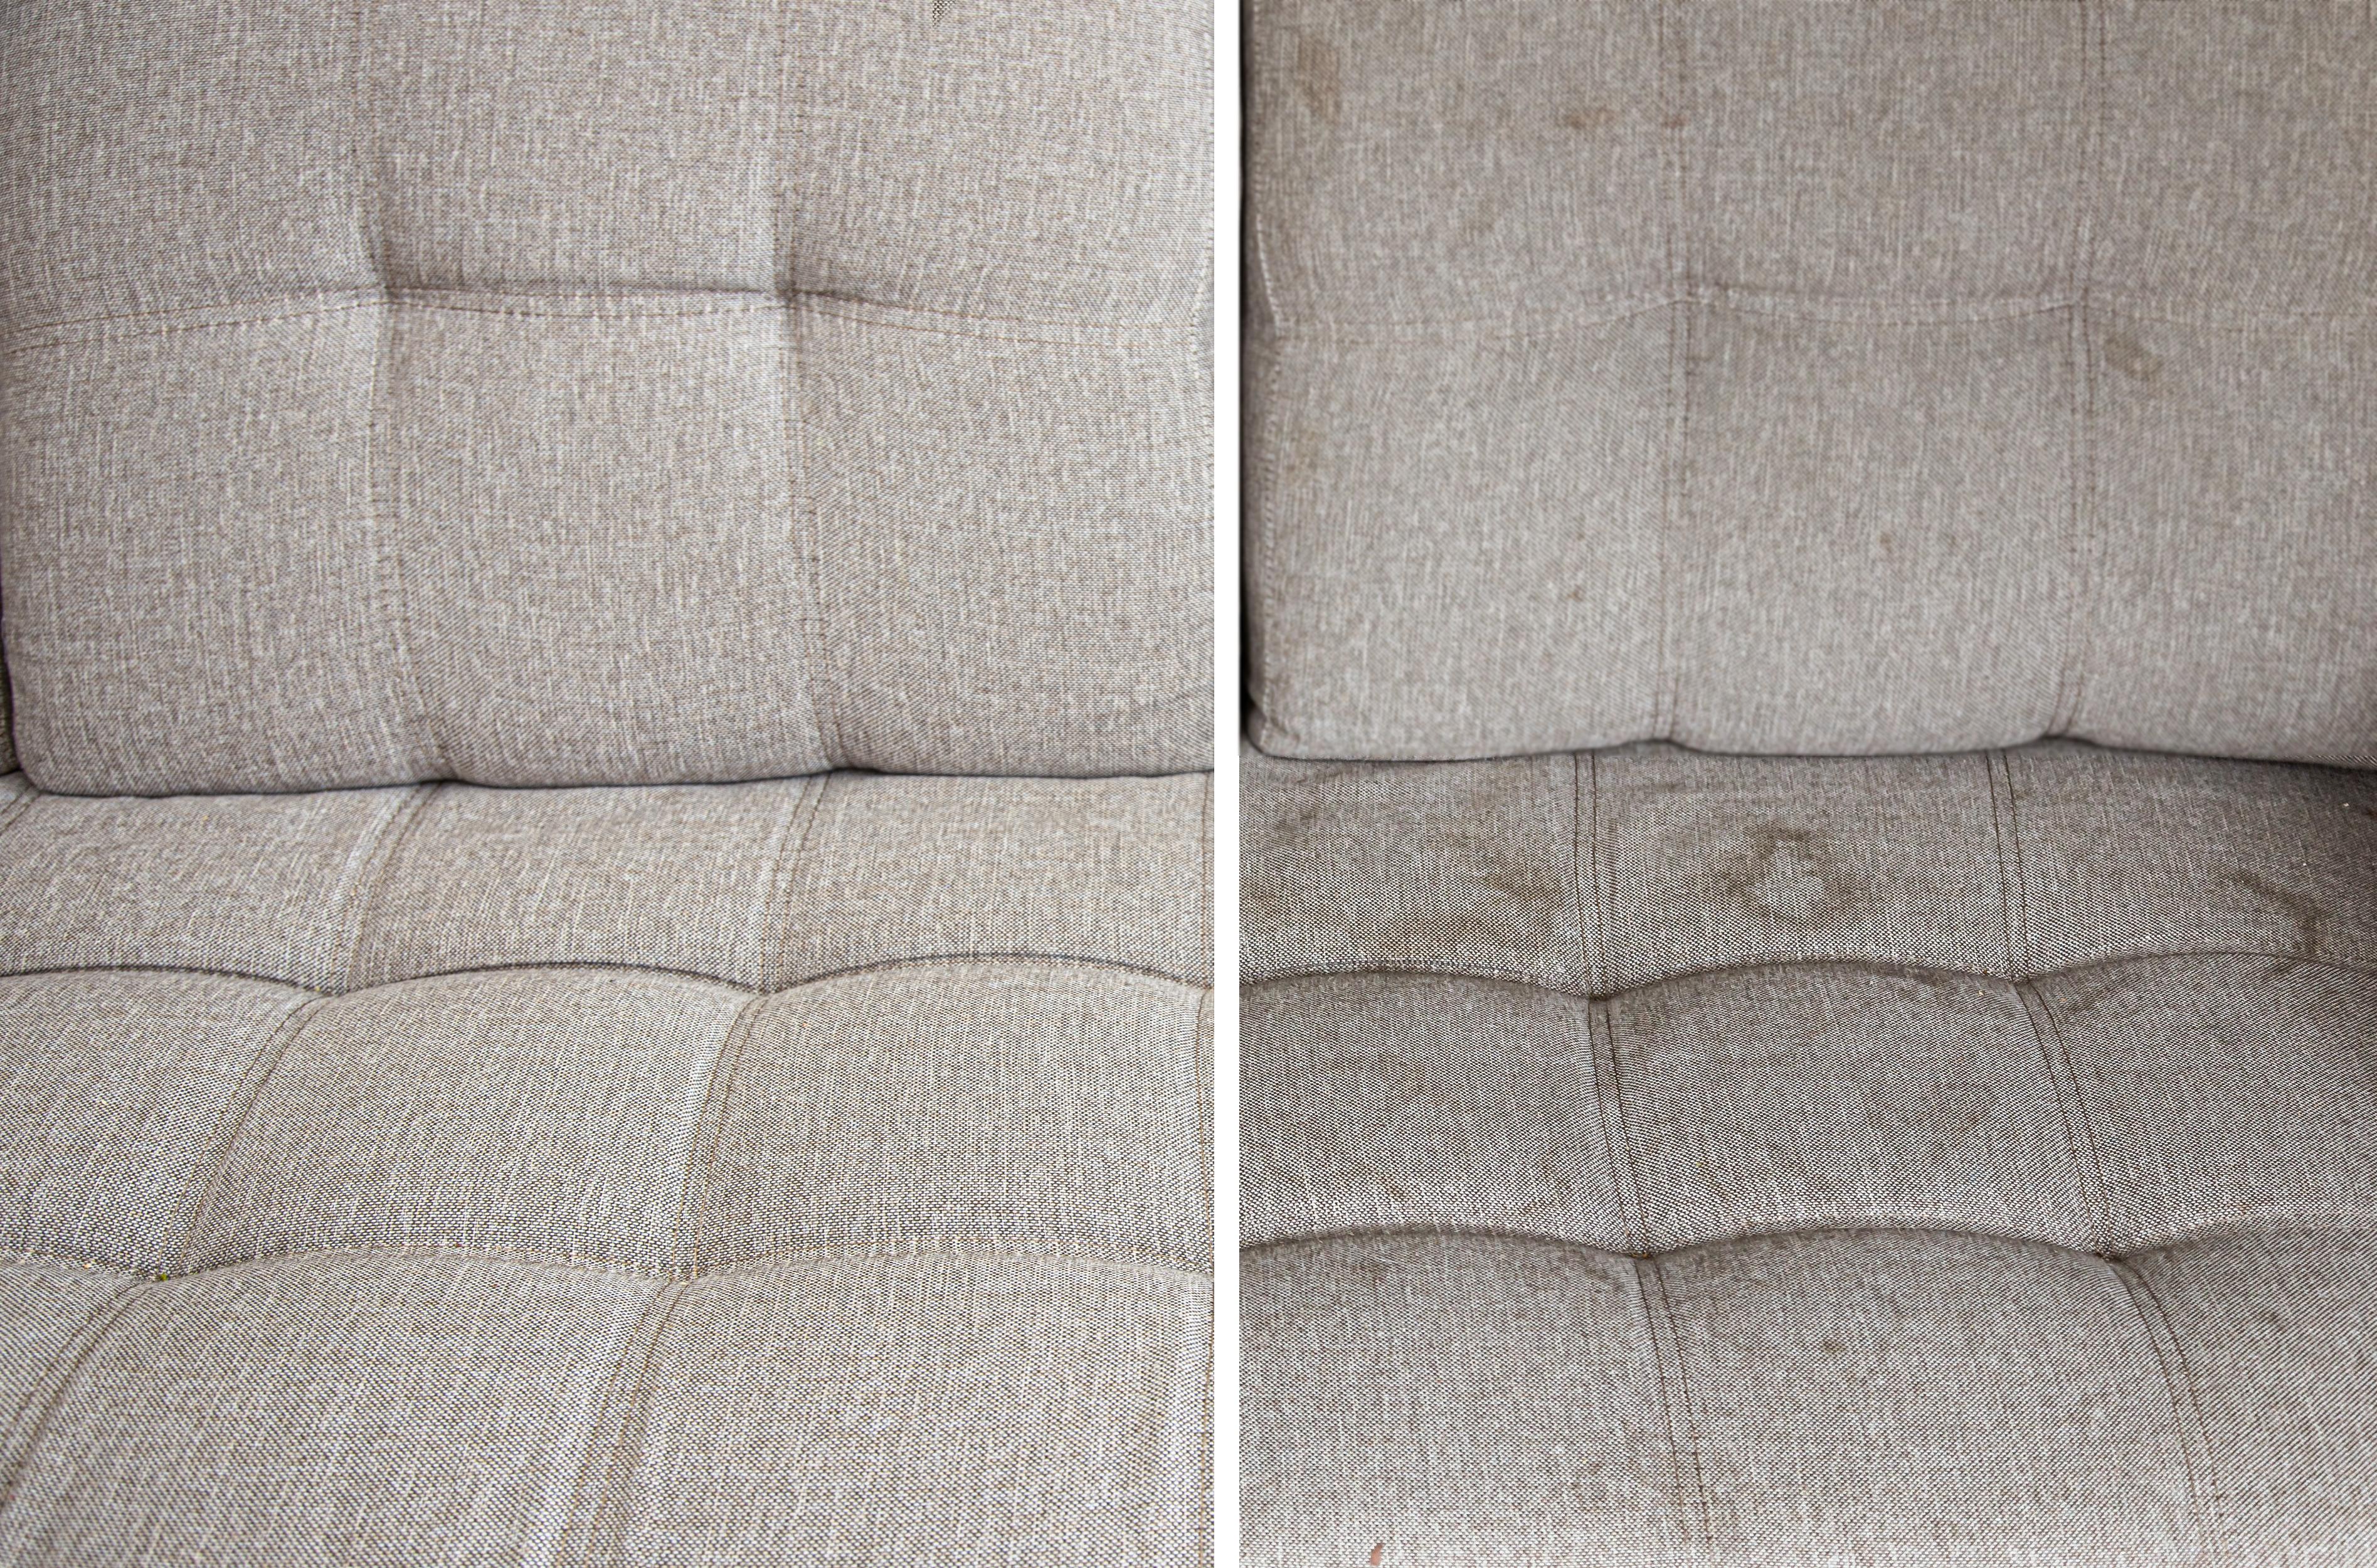 Clean & Dirty Sofa